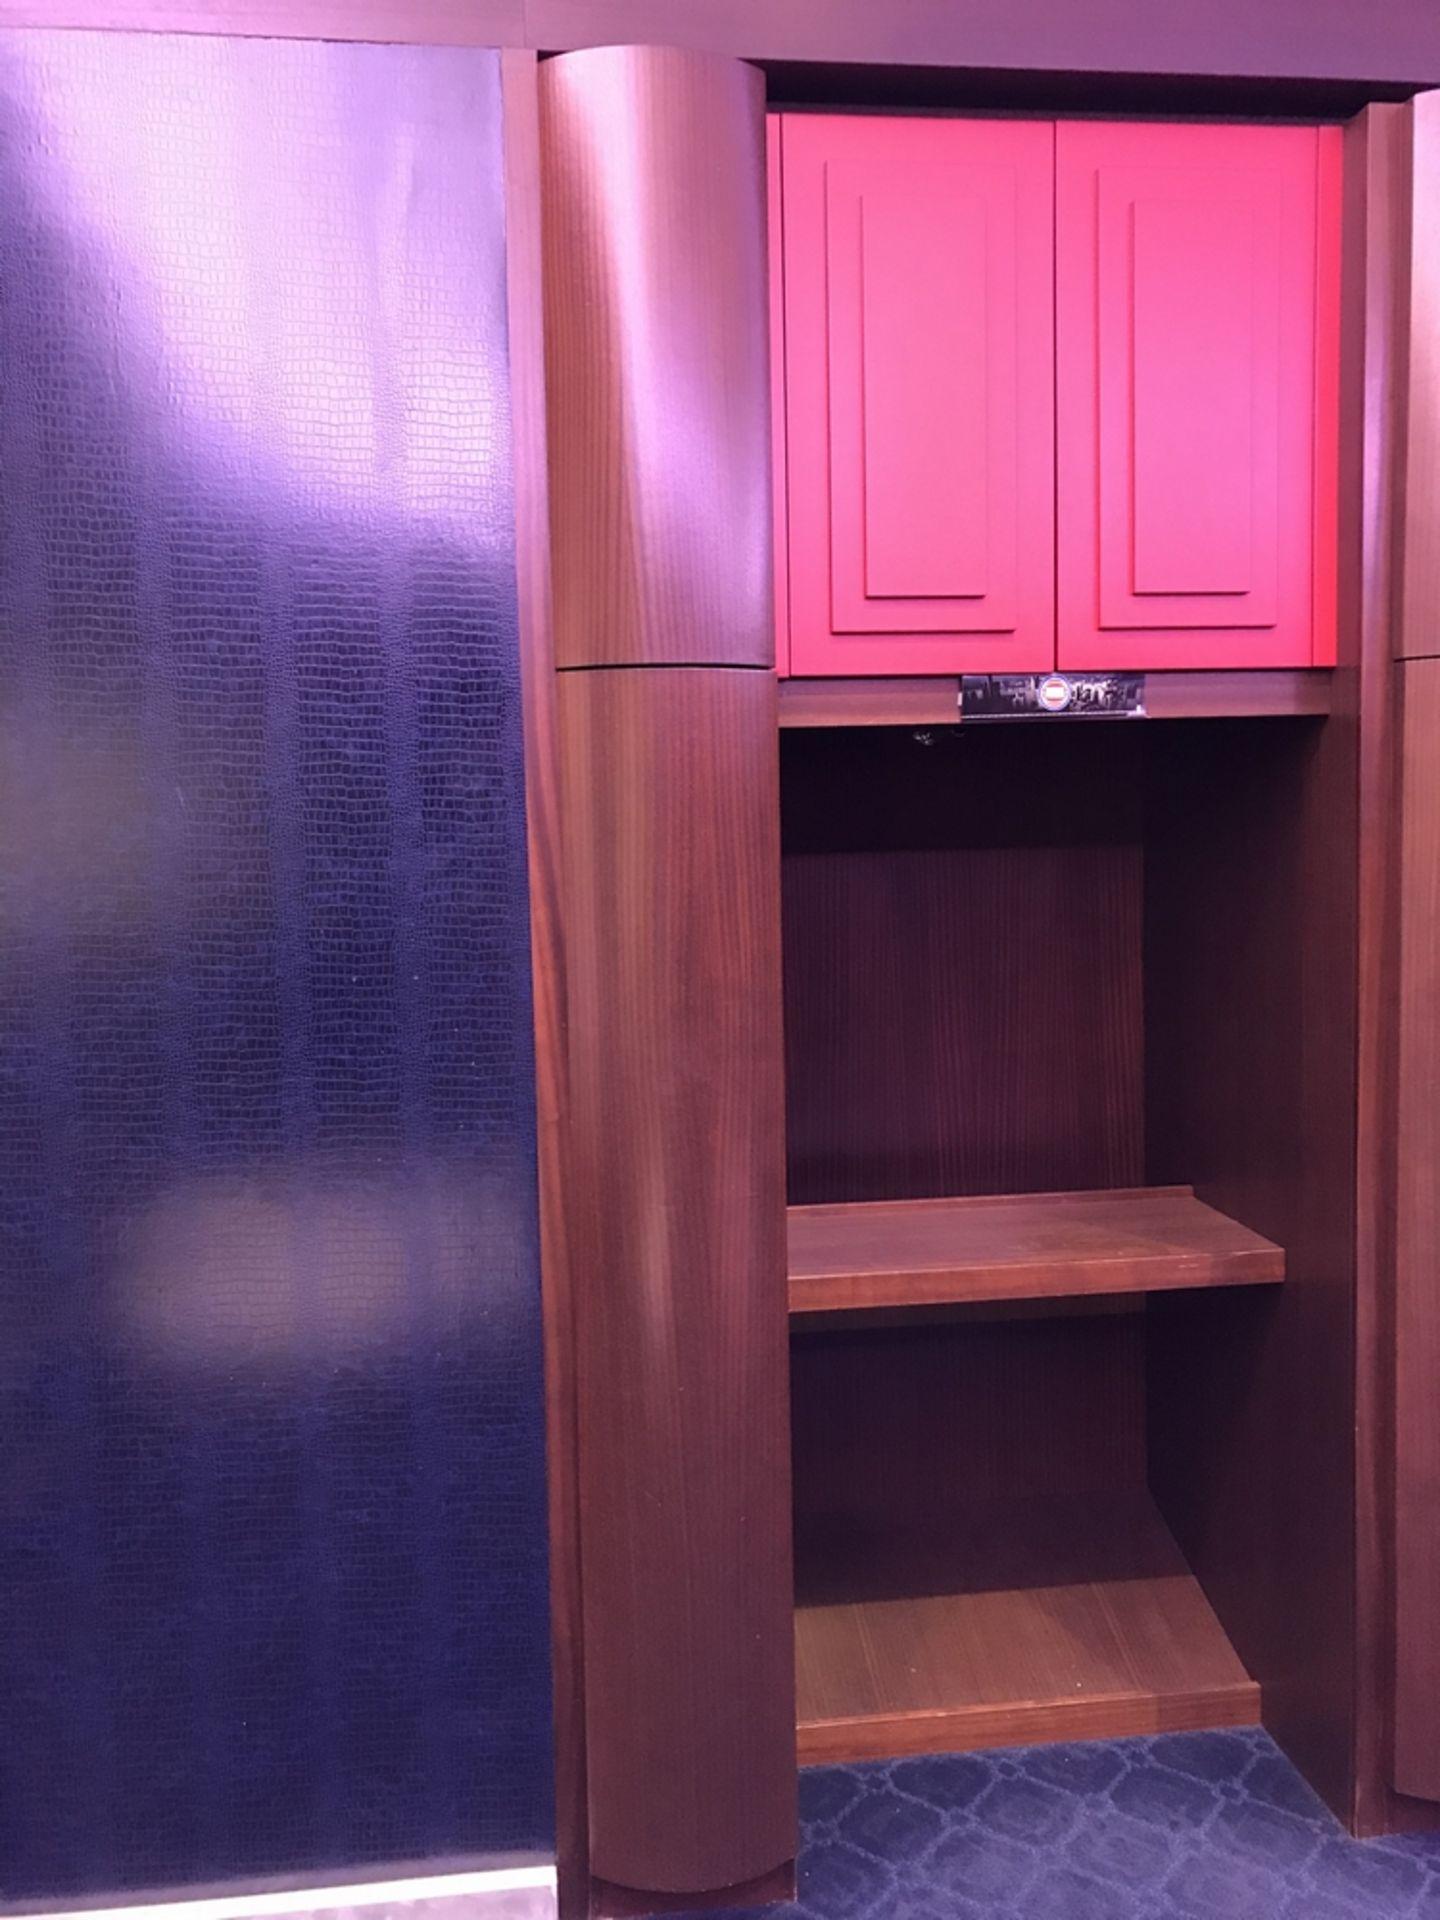 Lot 7 - Piston Player Locker , Dim. 54 in w x 107 in h x 35 in d , Location: Locker Room ***Note from